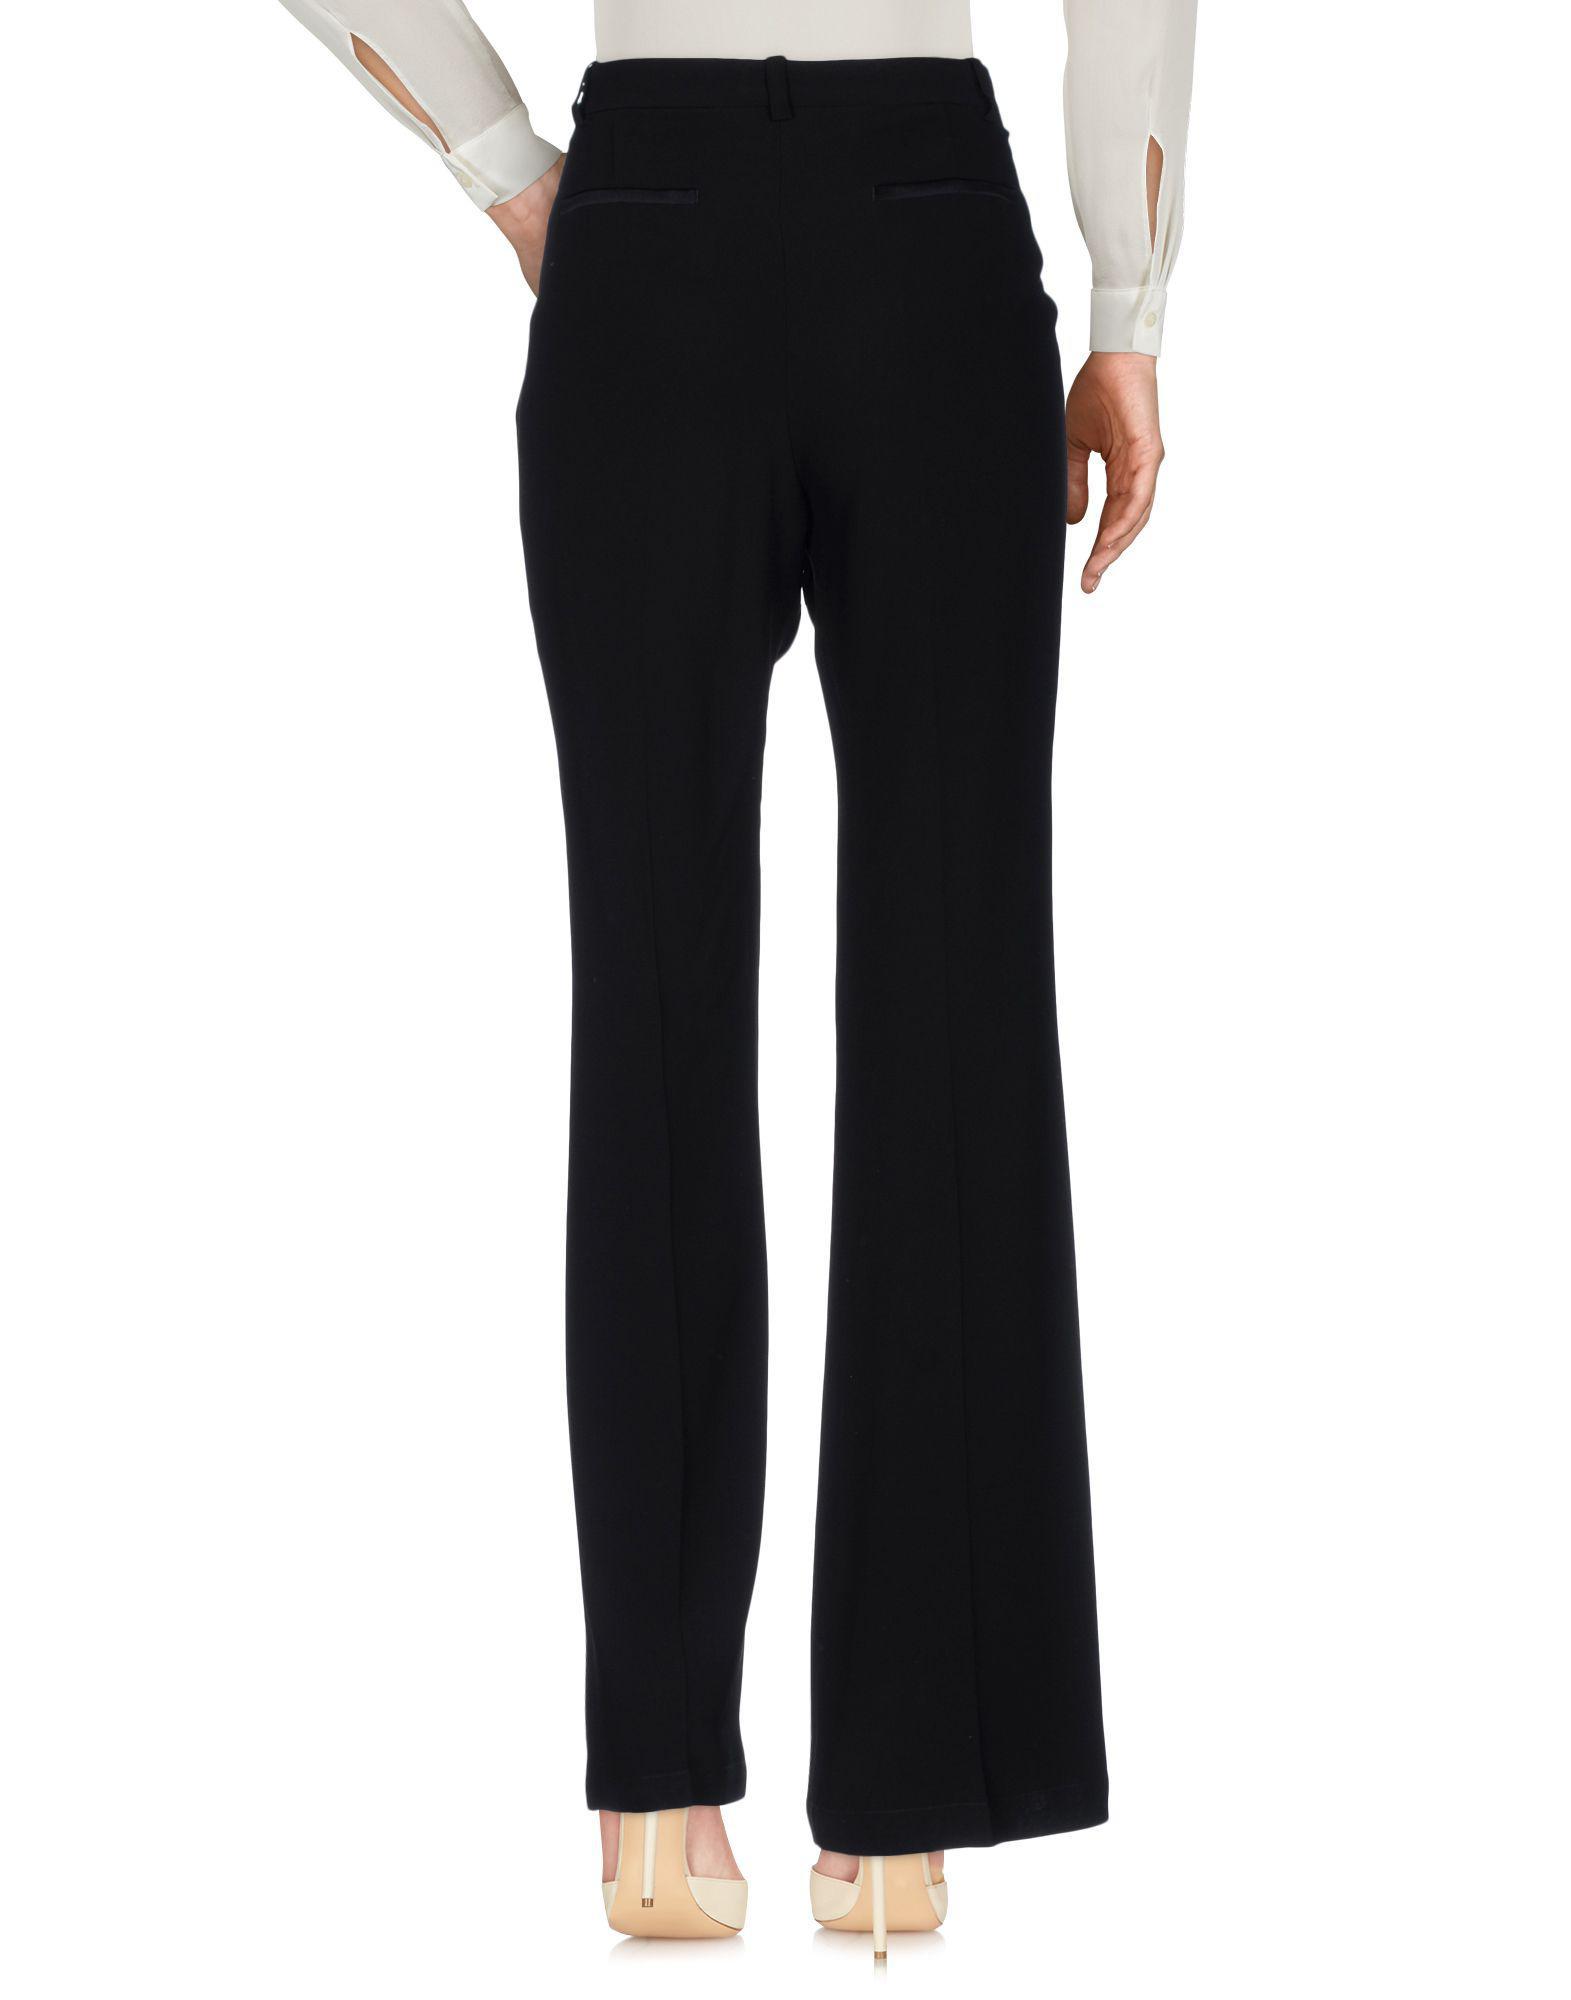 Pantalon En Coloris Noir Lyst Pinko JcKTlF1